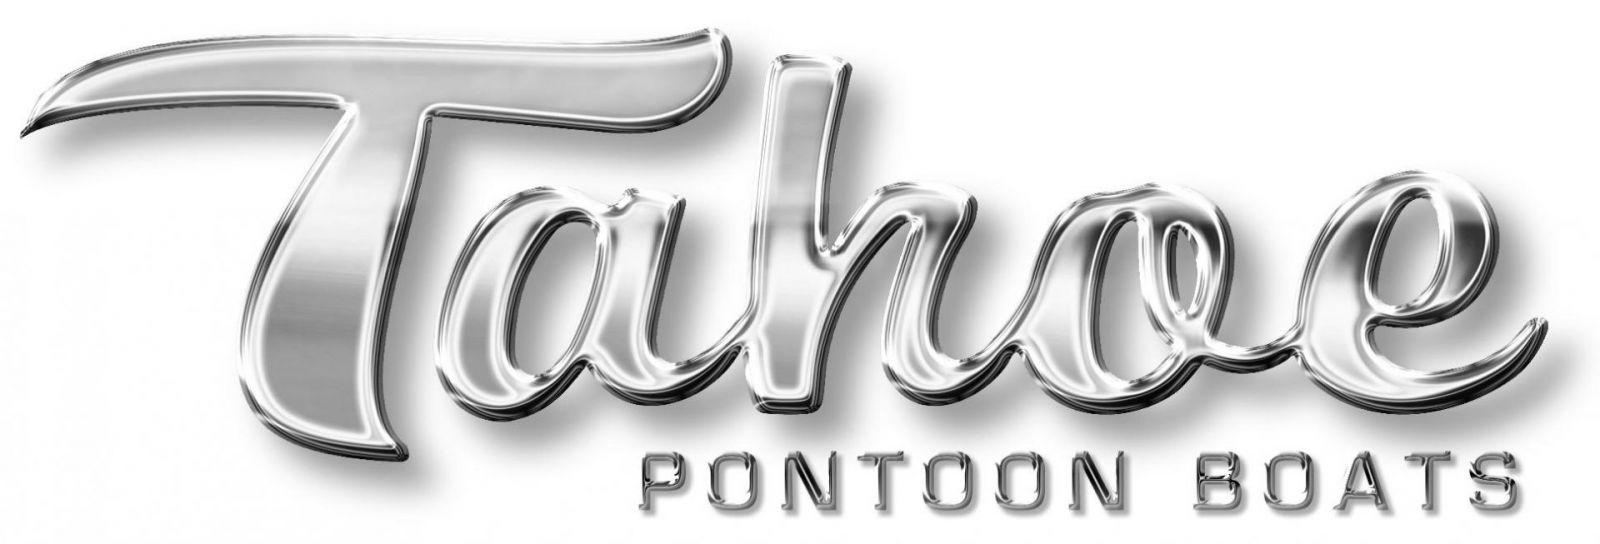 Tahoe Pontoon Boats